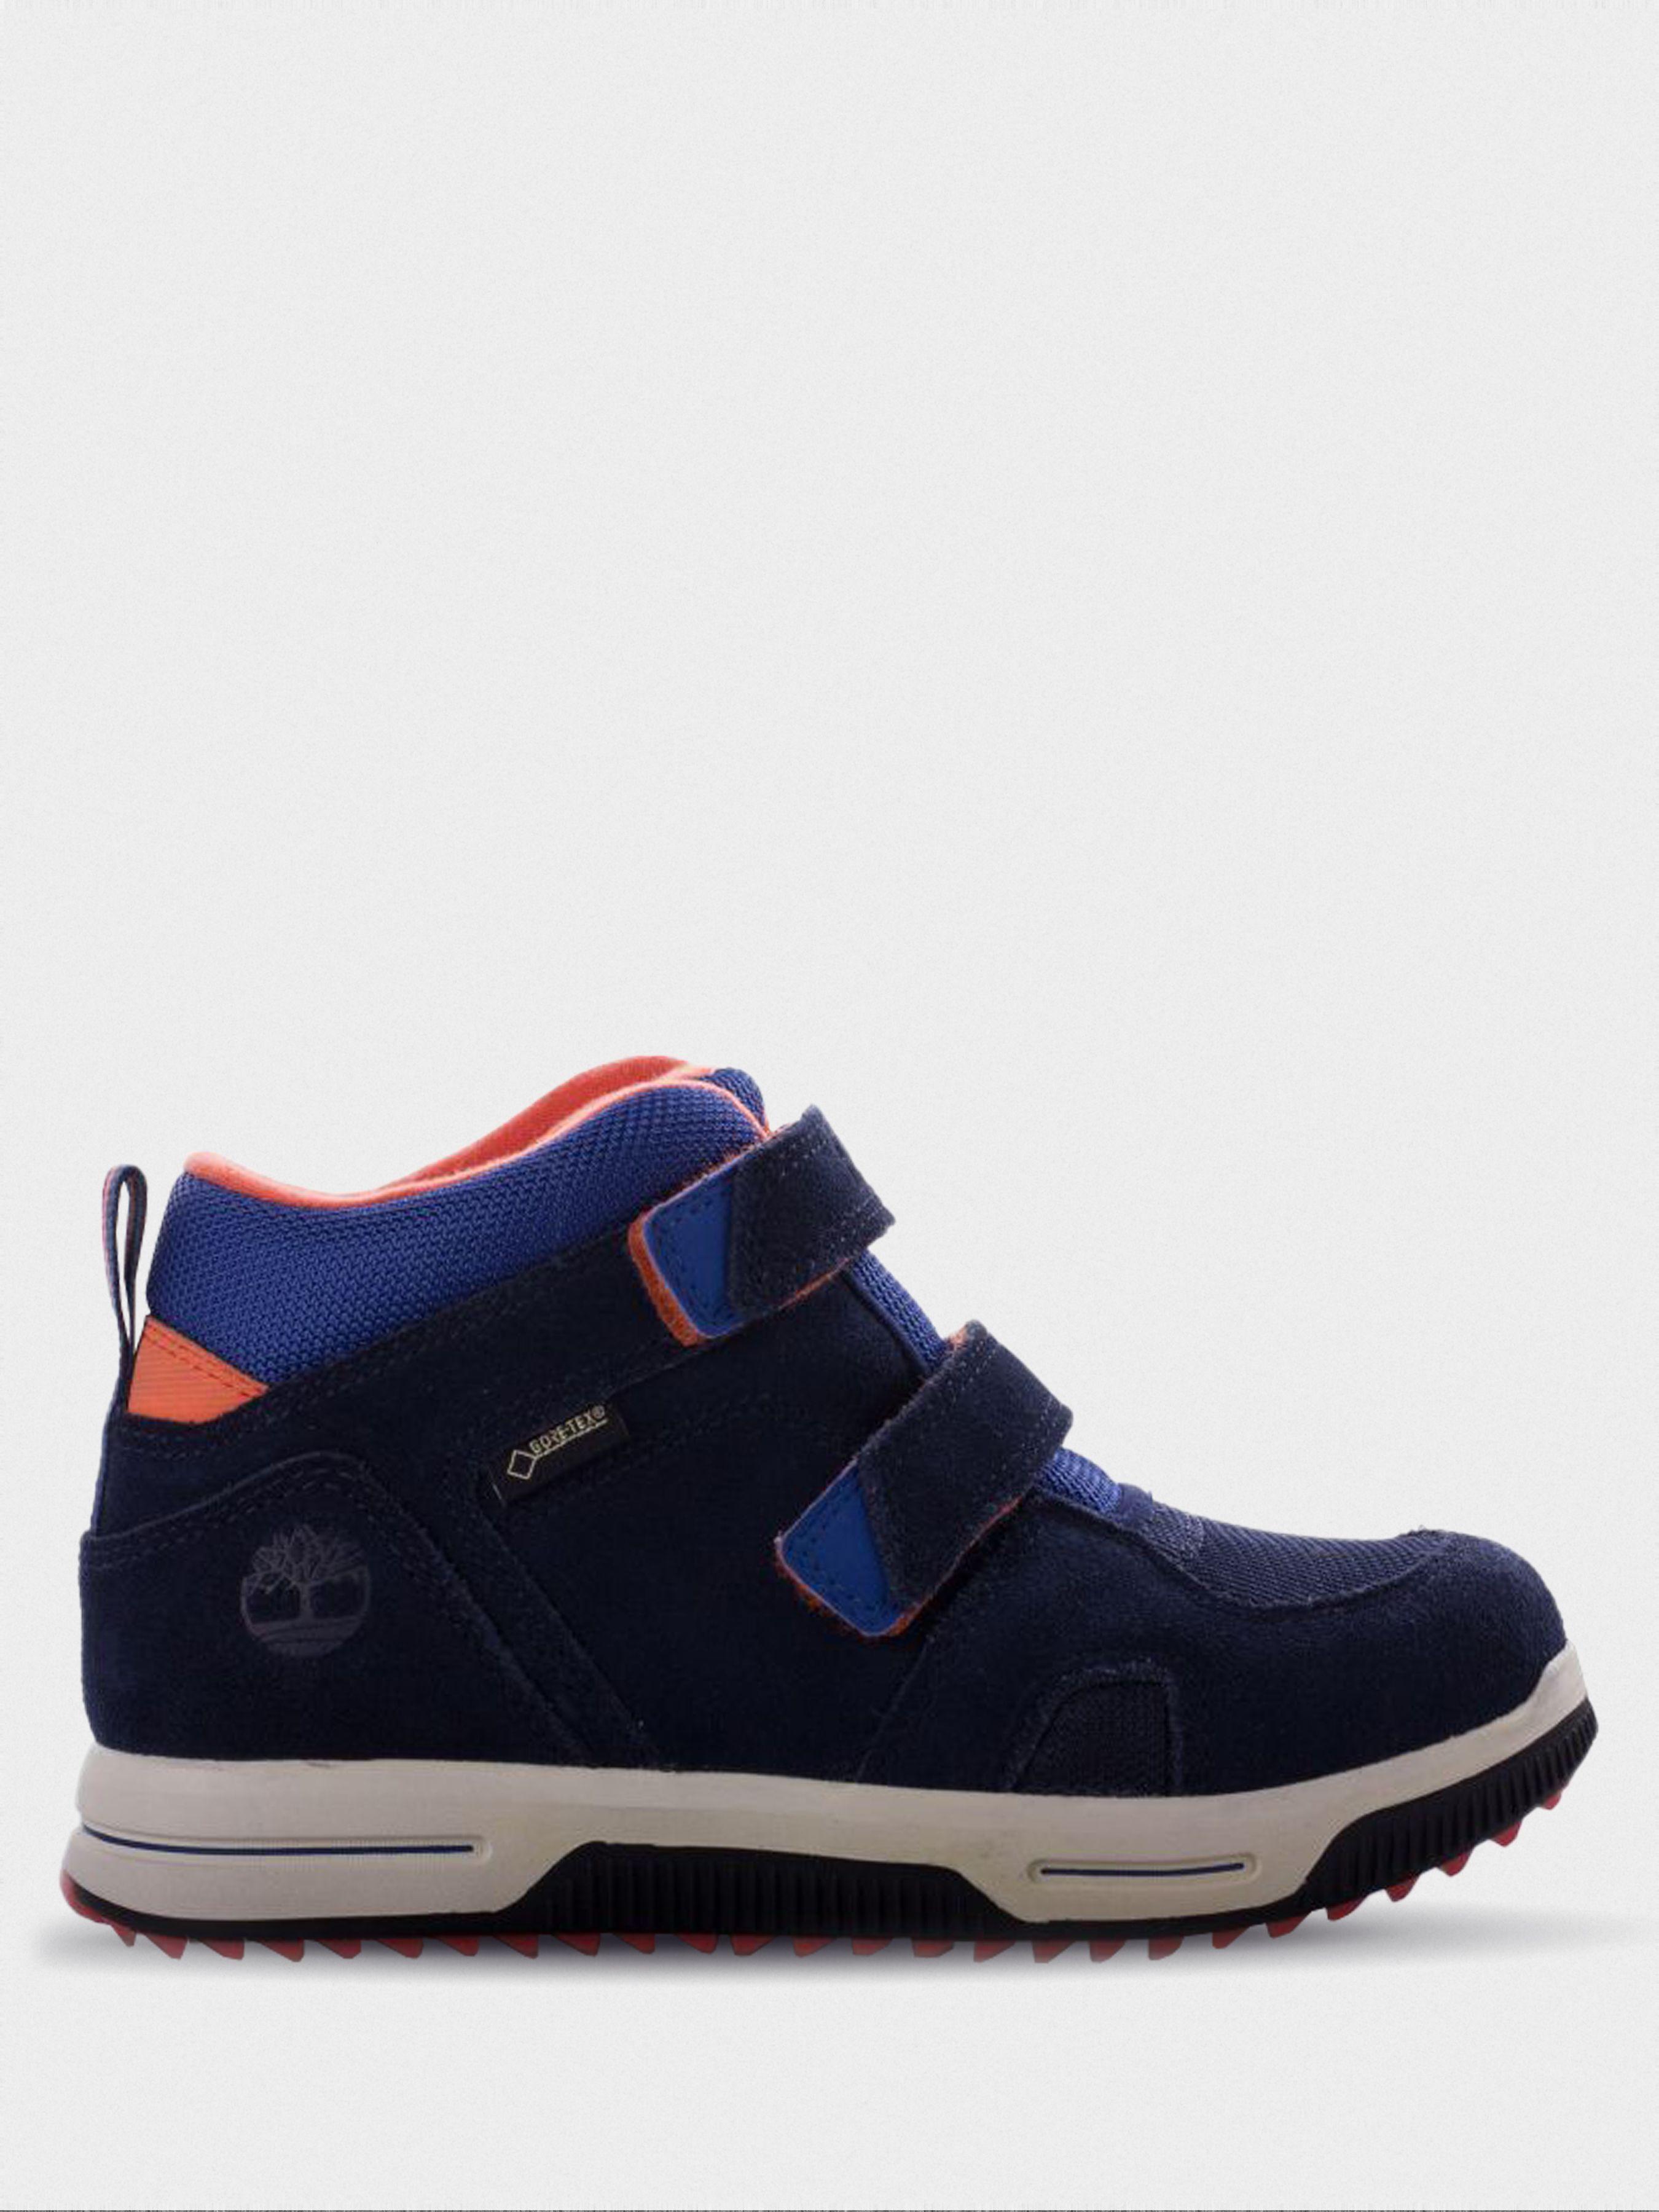 Ботинки детские Timberland Stomper TL1687 брендовая обувь, 2017